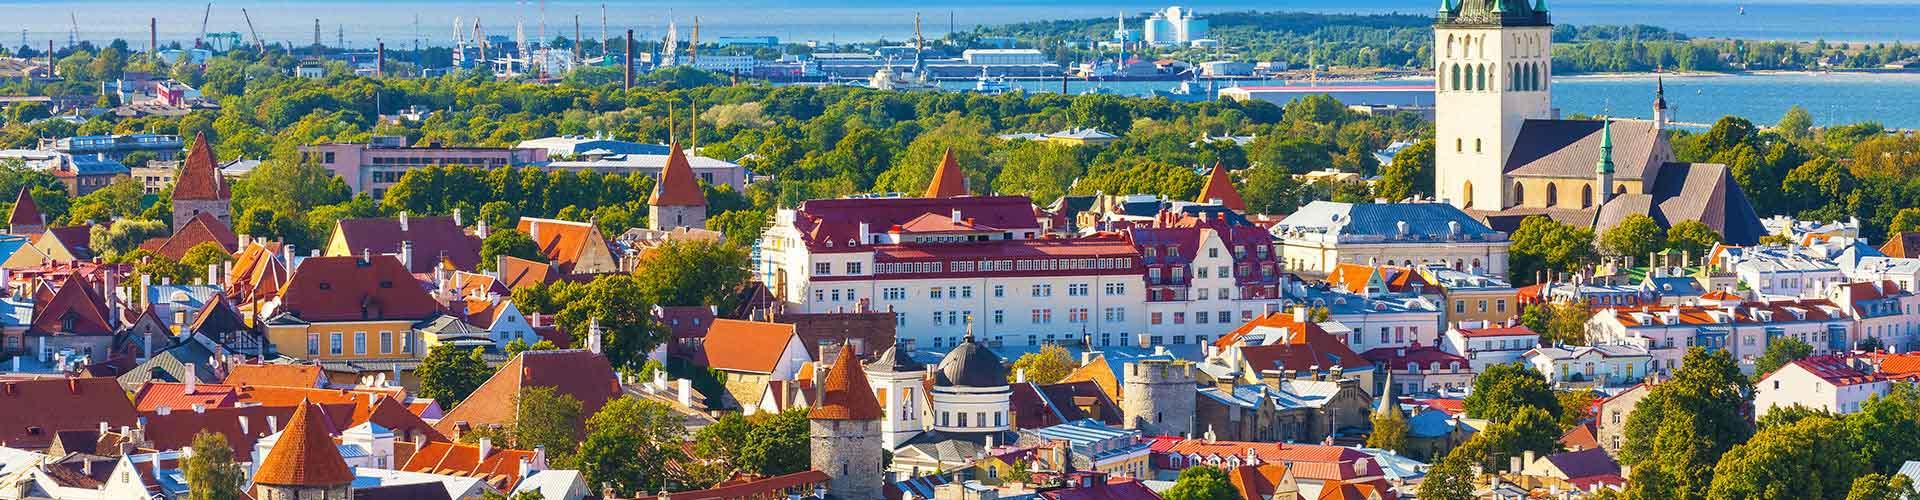 Tallinn - Auberges de jeunesse à Tallinn. Cartes pour Tallinn, photos et commentaires pour chaque auberge de jeunesse à Tallinn.